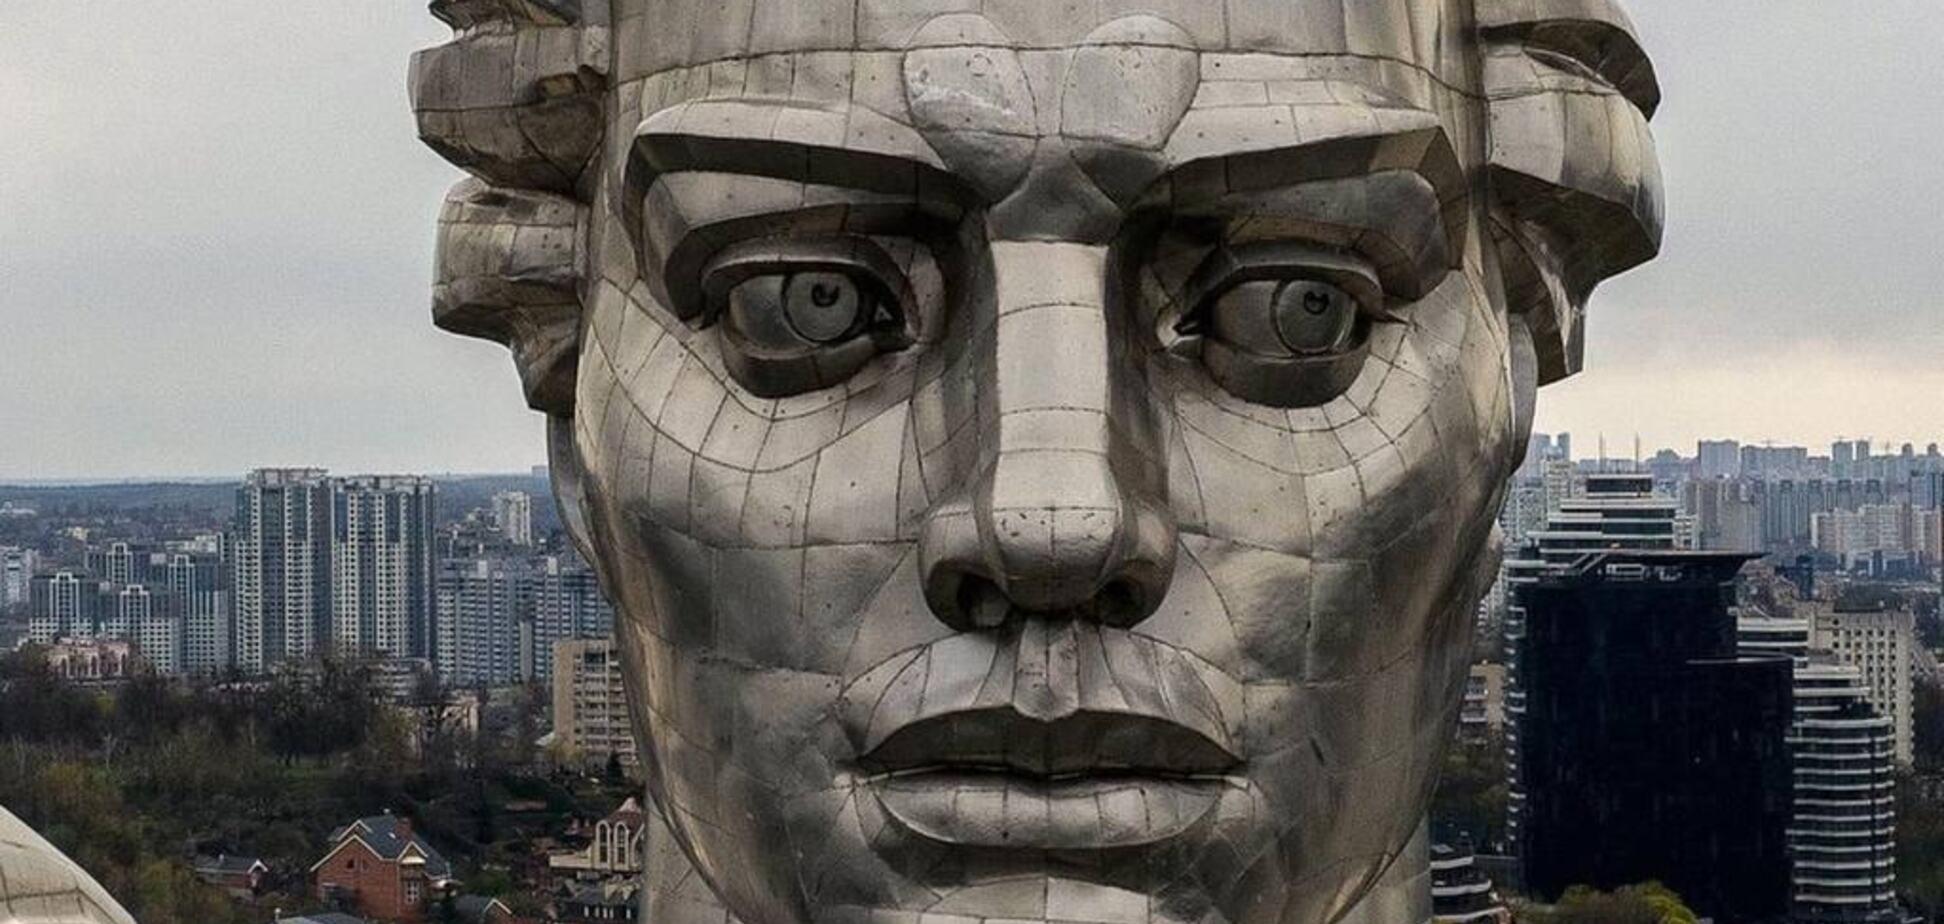 Монумент 'Батьківщина-мати' в Києві: цікаві факти про найвищу скульптуру України. Фото